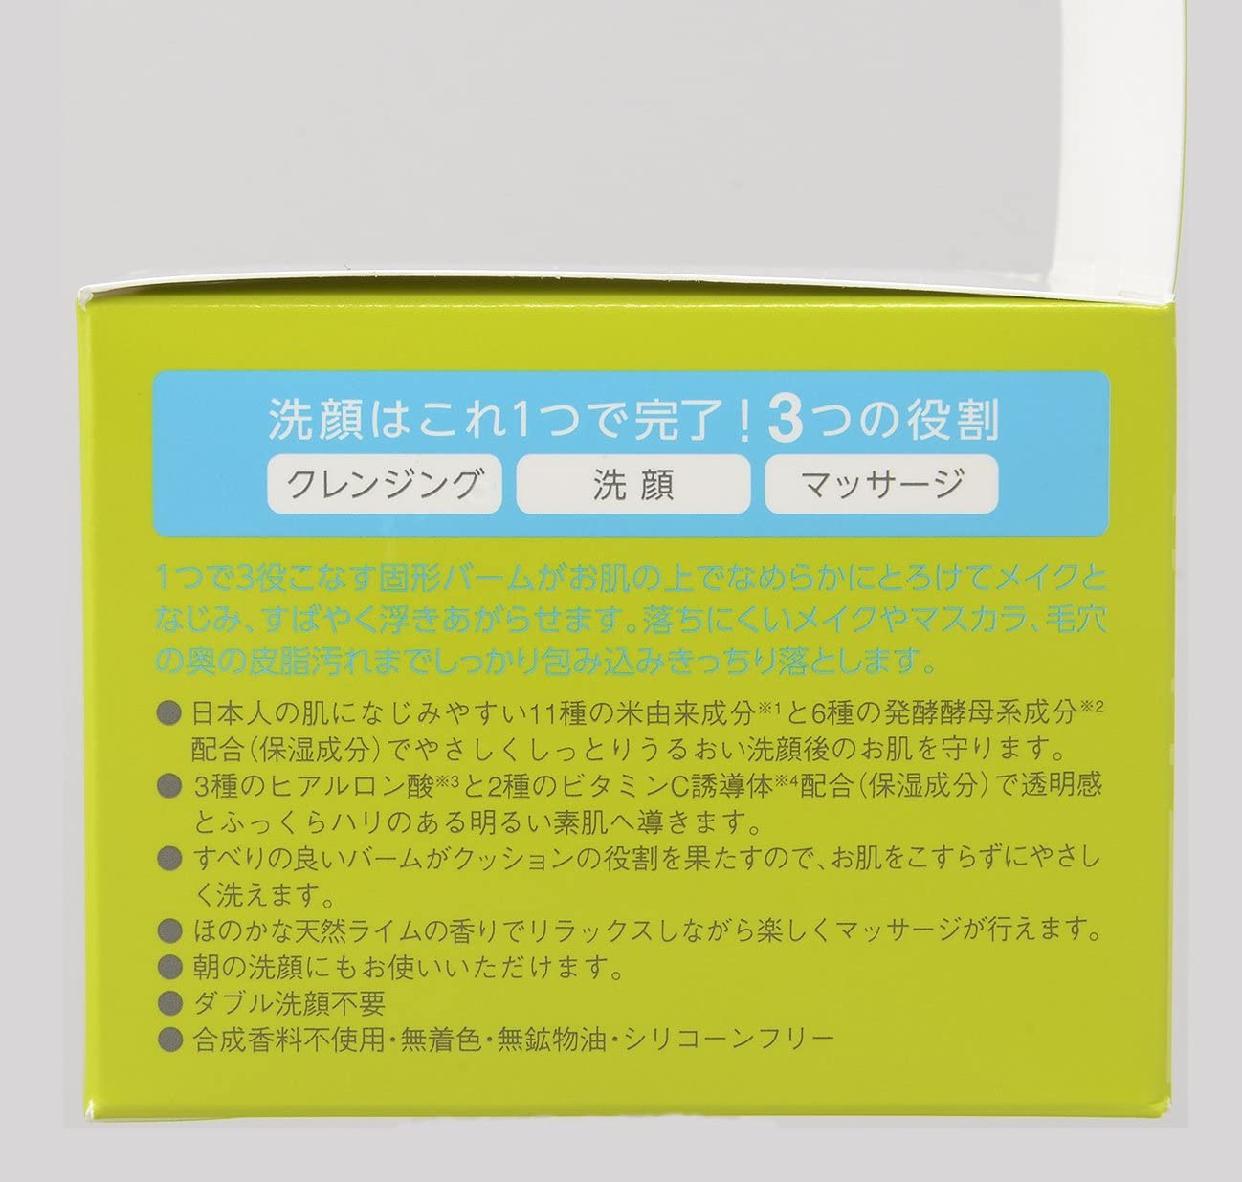 菊正宗(キクマサムネ) 米と発酵のクレンジングバームの商品画像5